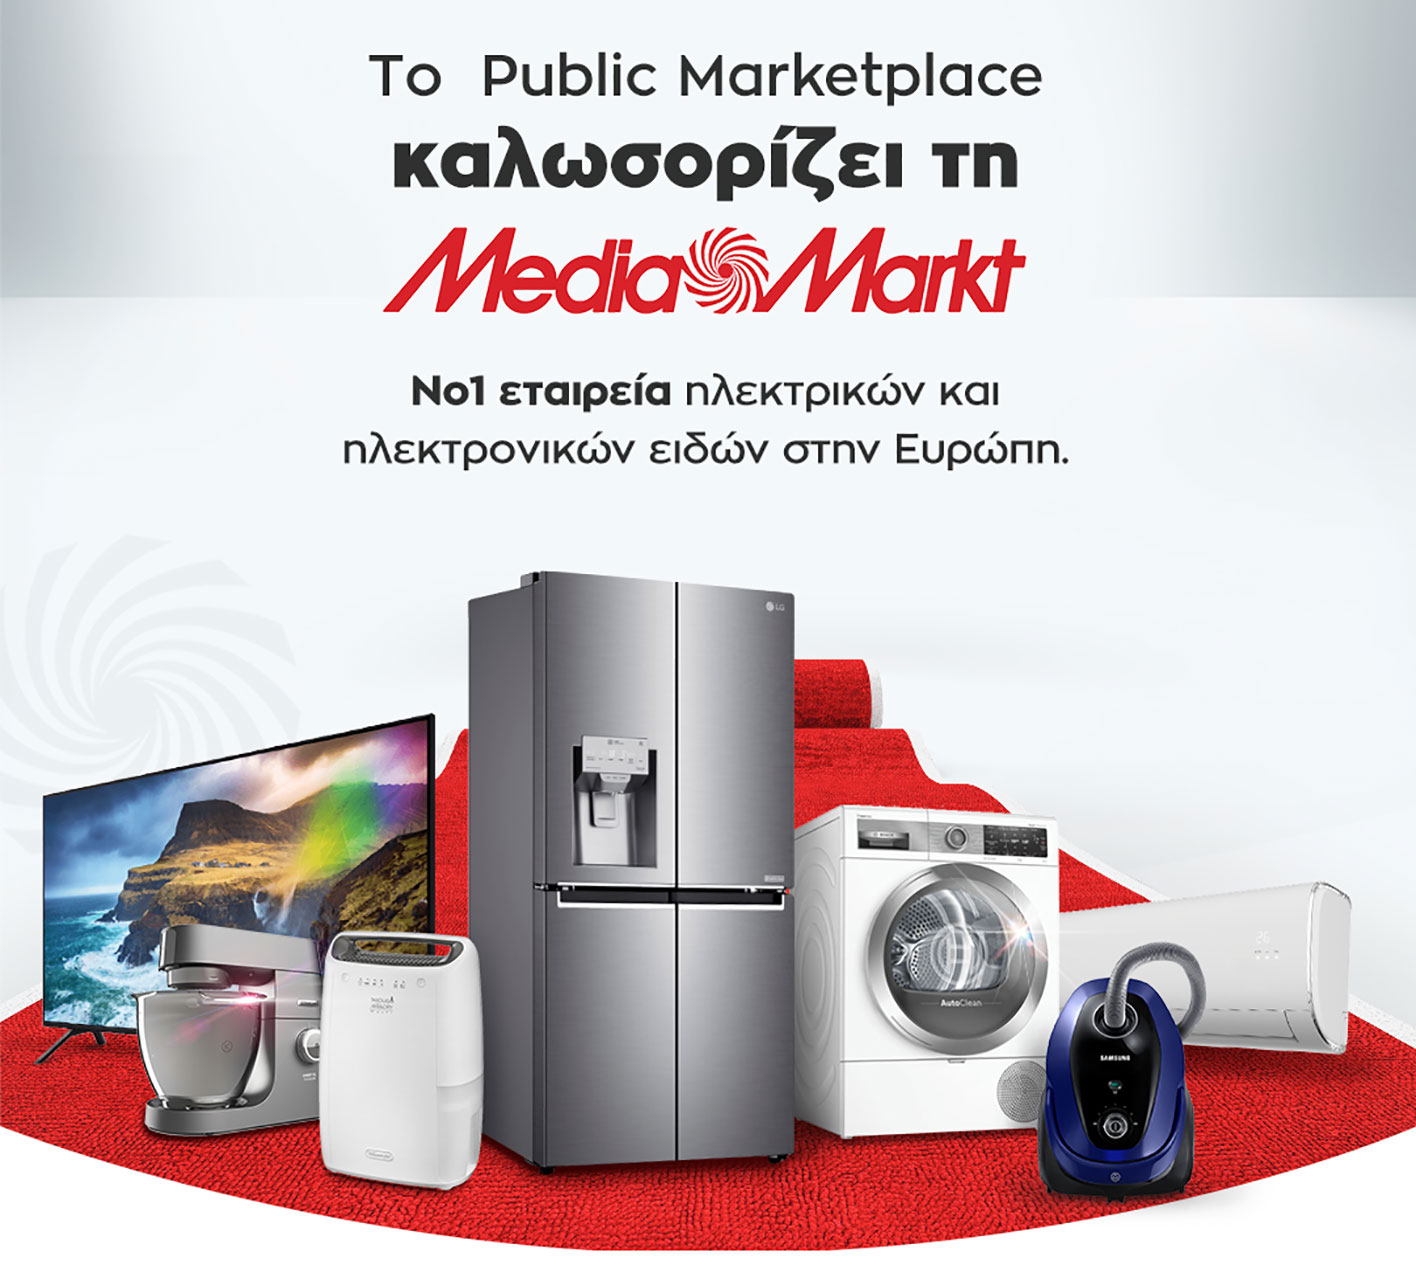 Με μεγάλες προσφορές καλωσορίζει η Public τη MediaMarkt